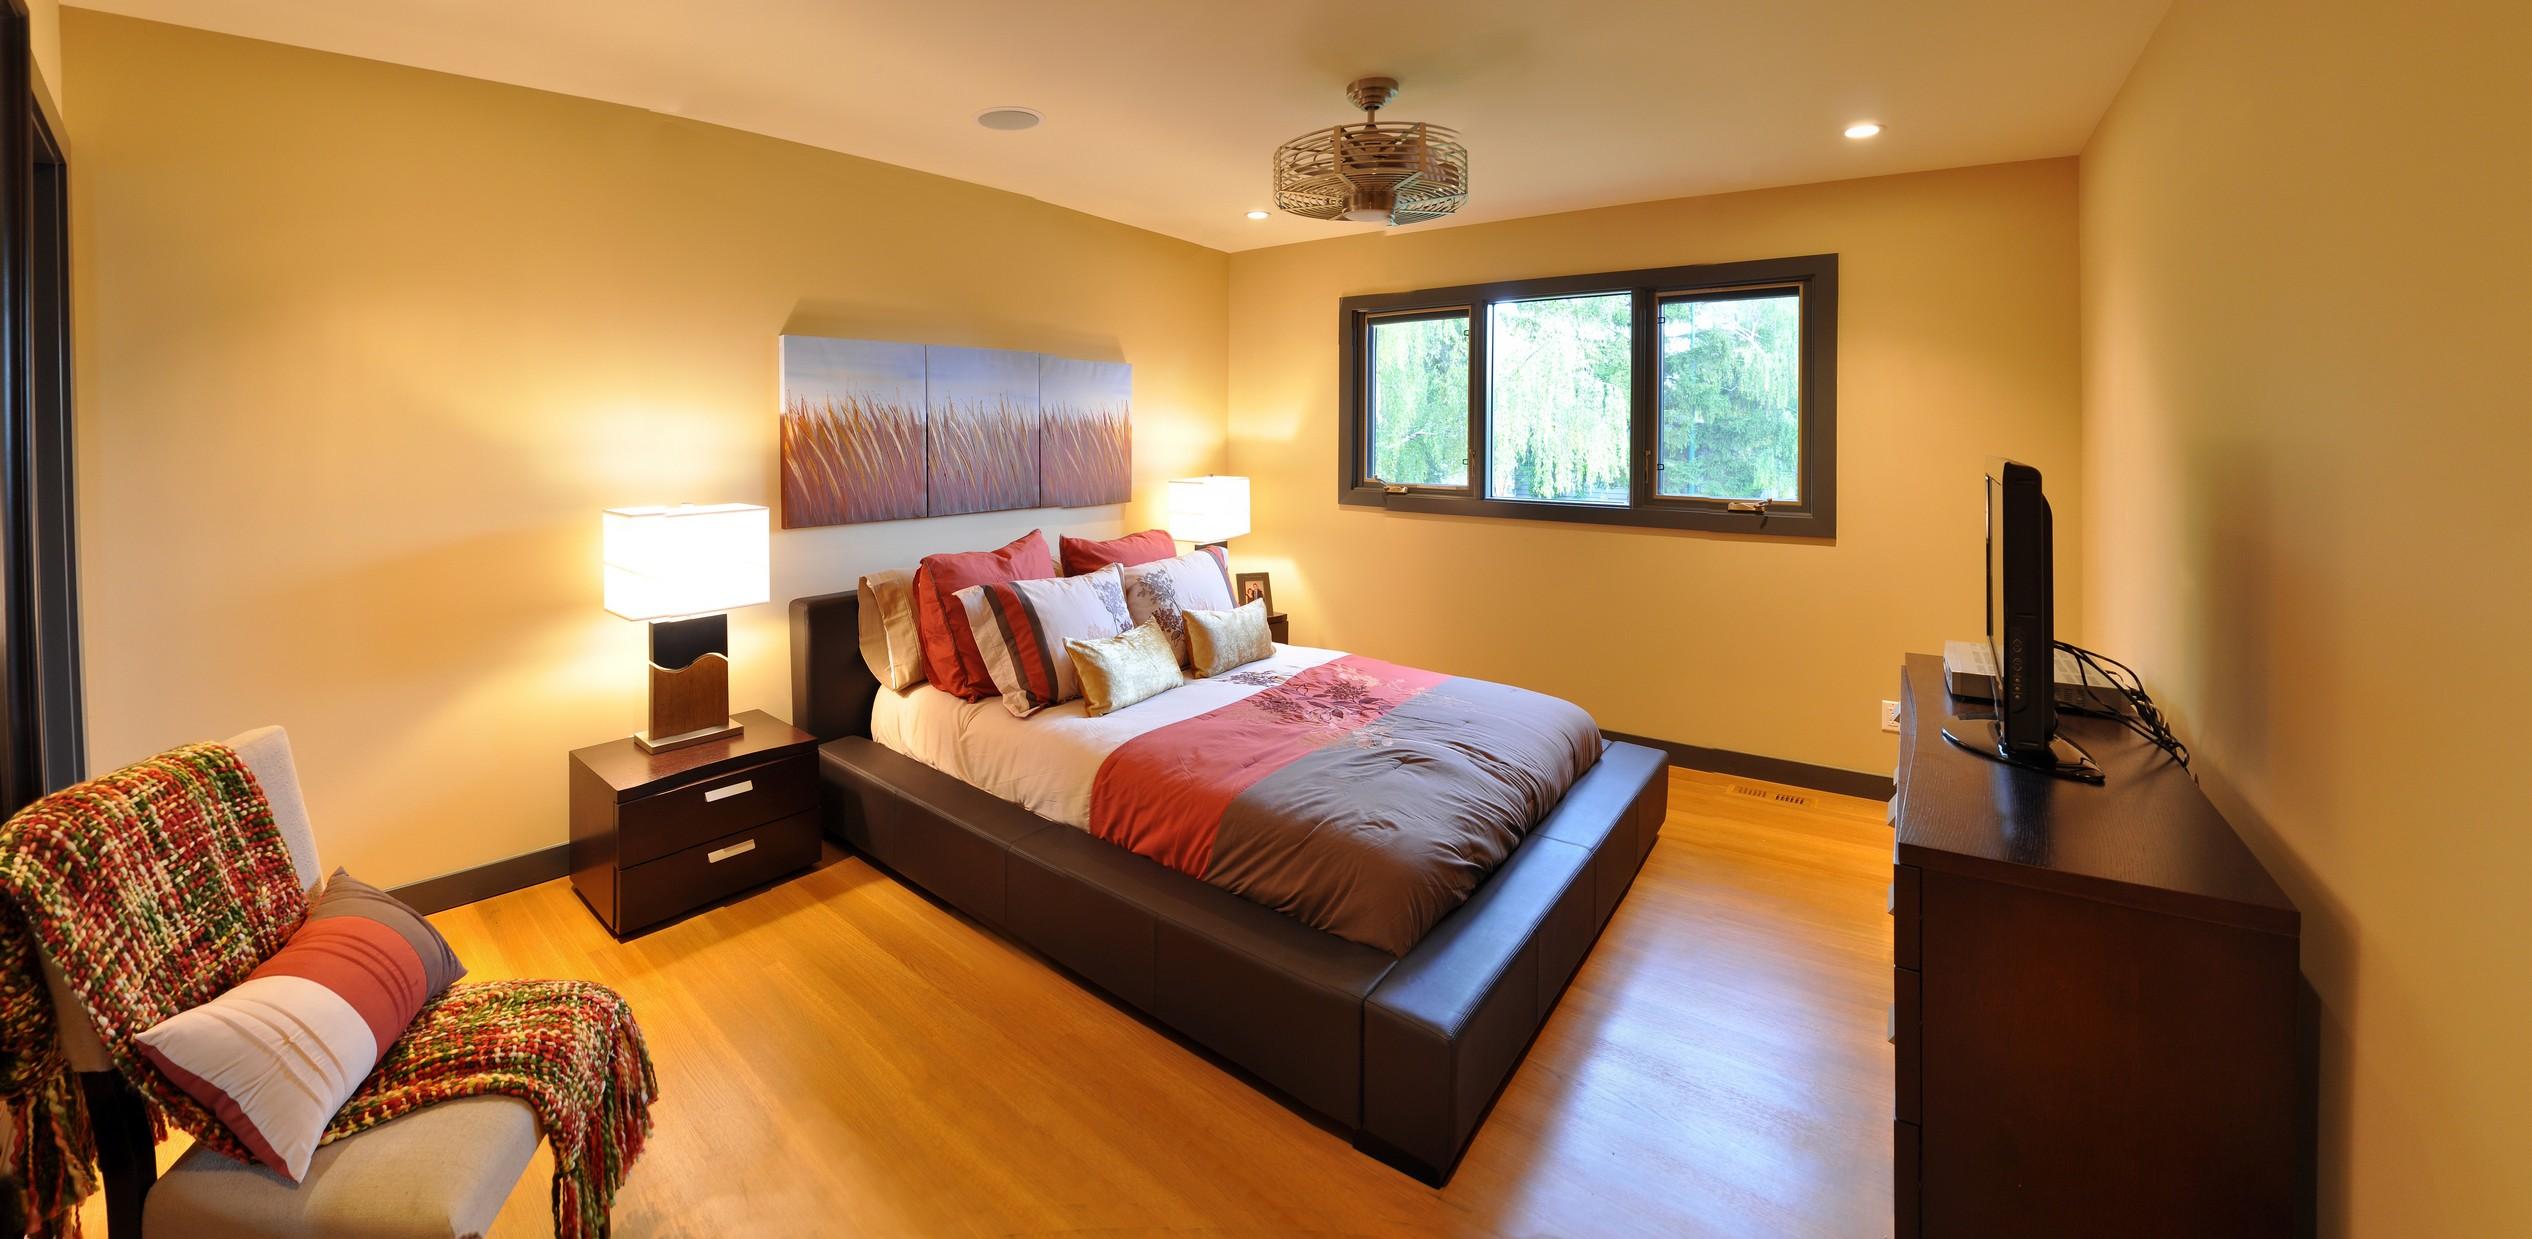 Kingsland after - Bedroom